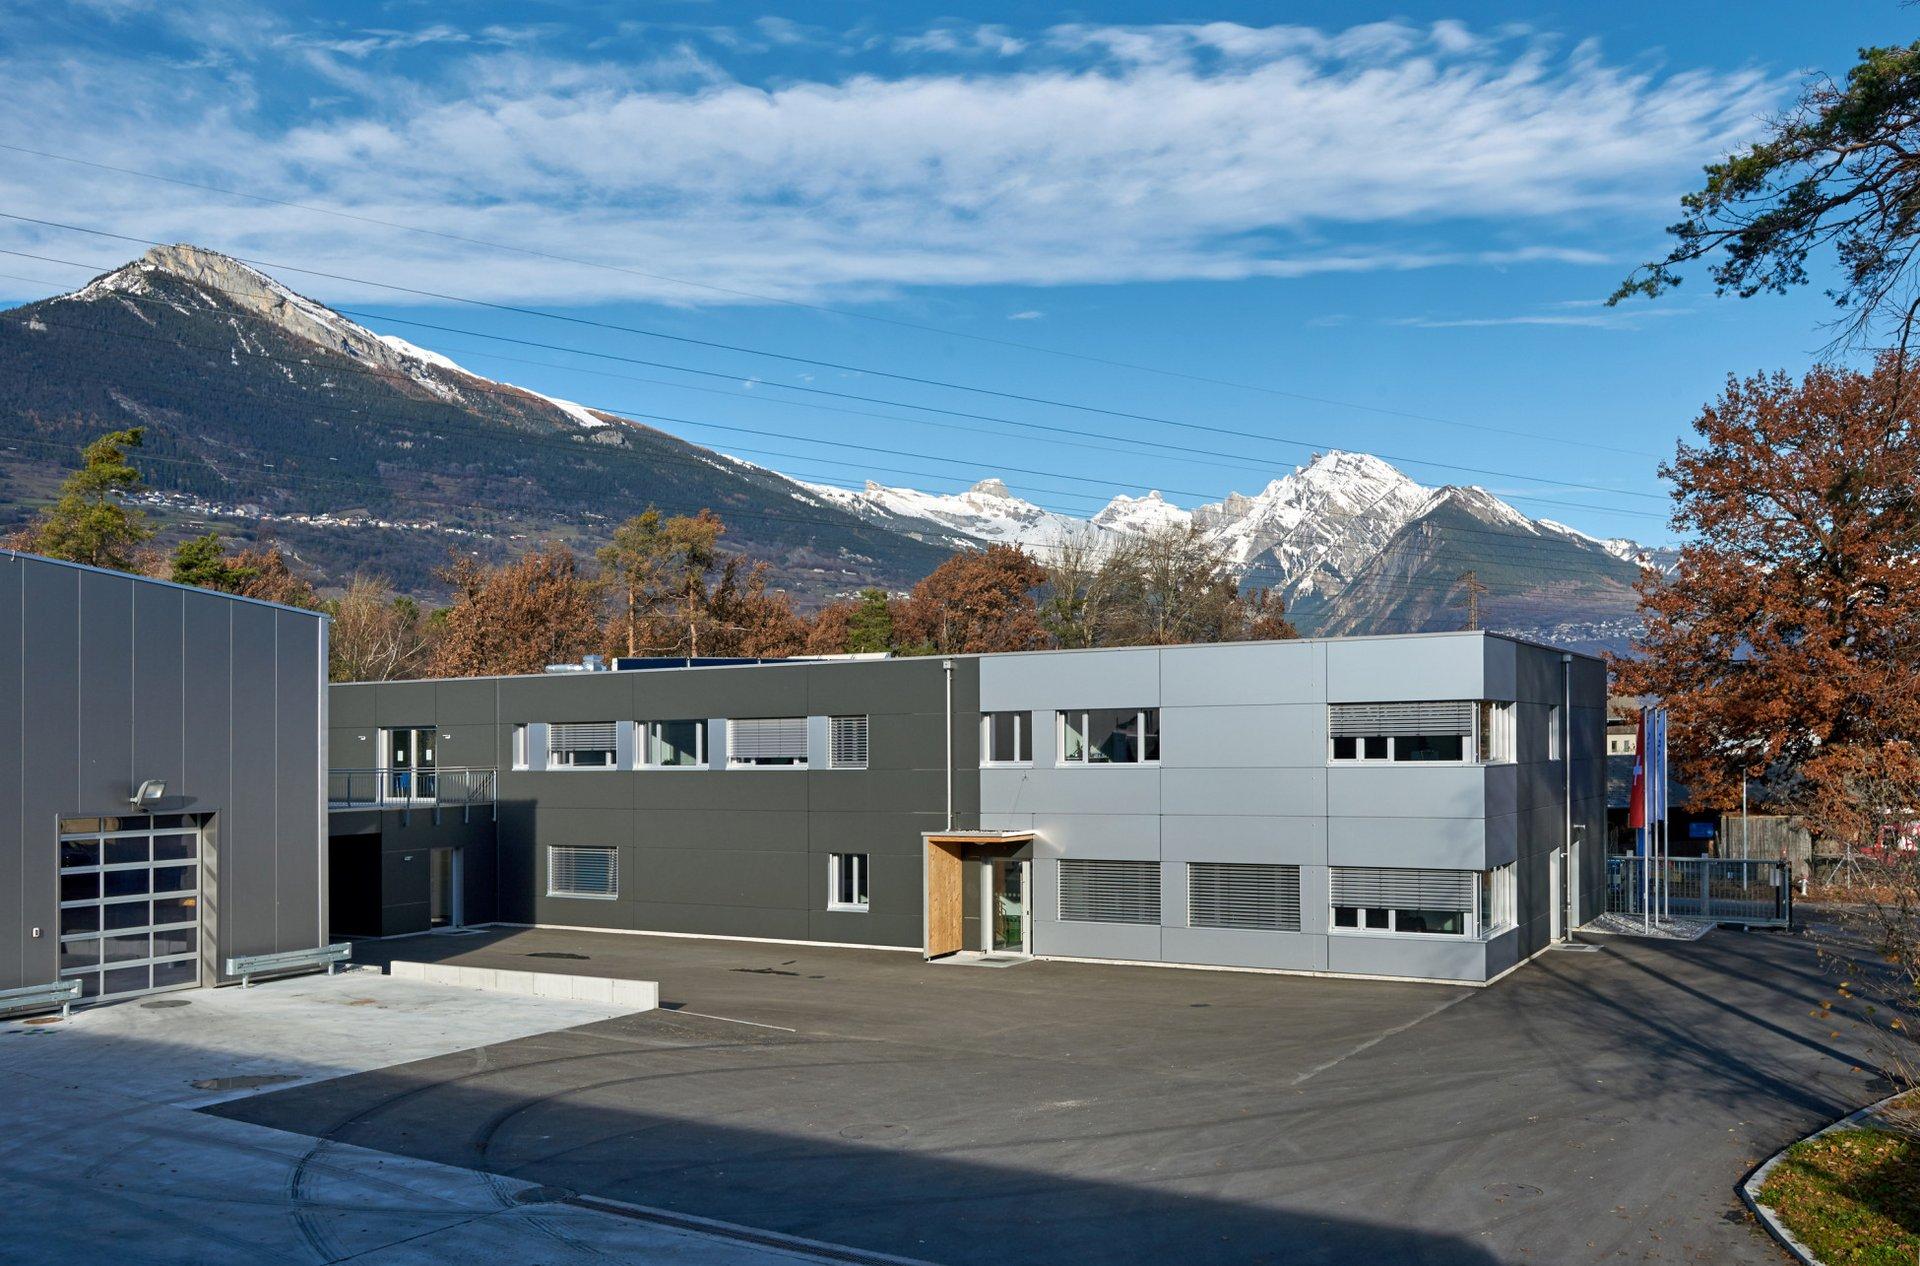 Blick auf das Verwaltungsgebäude und den dahinterliegendem Bergpanorama